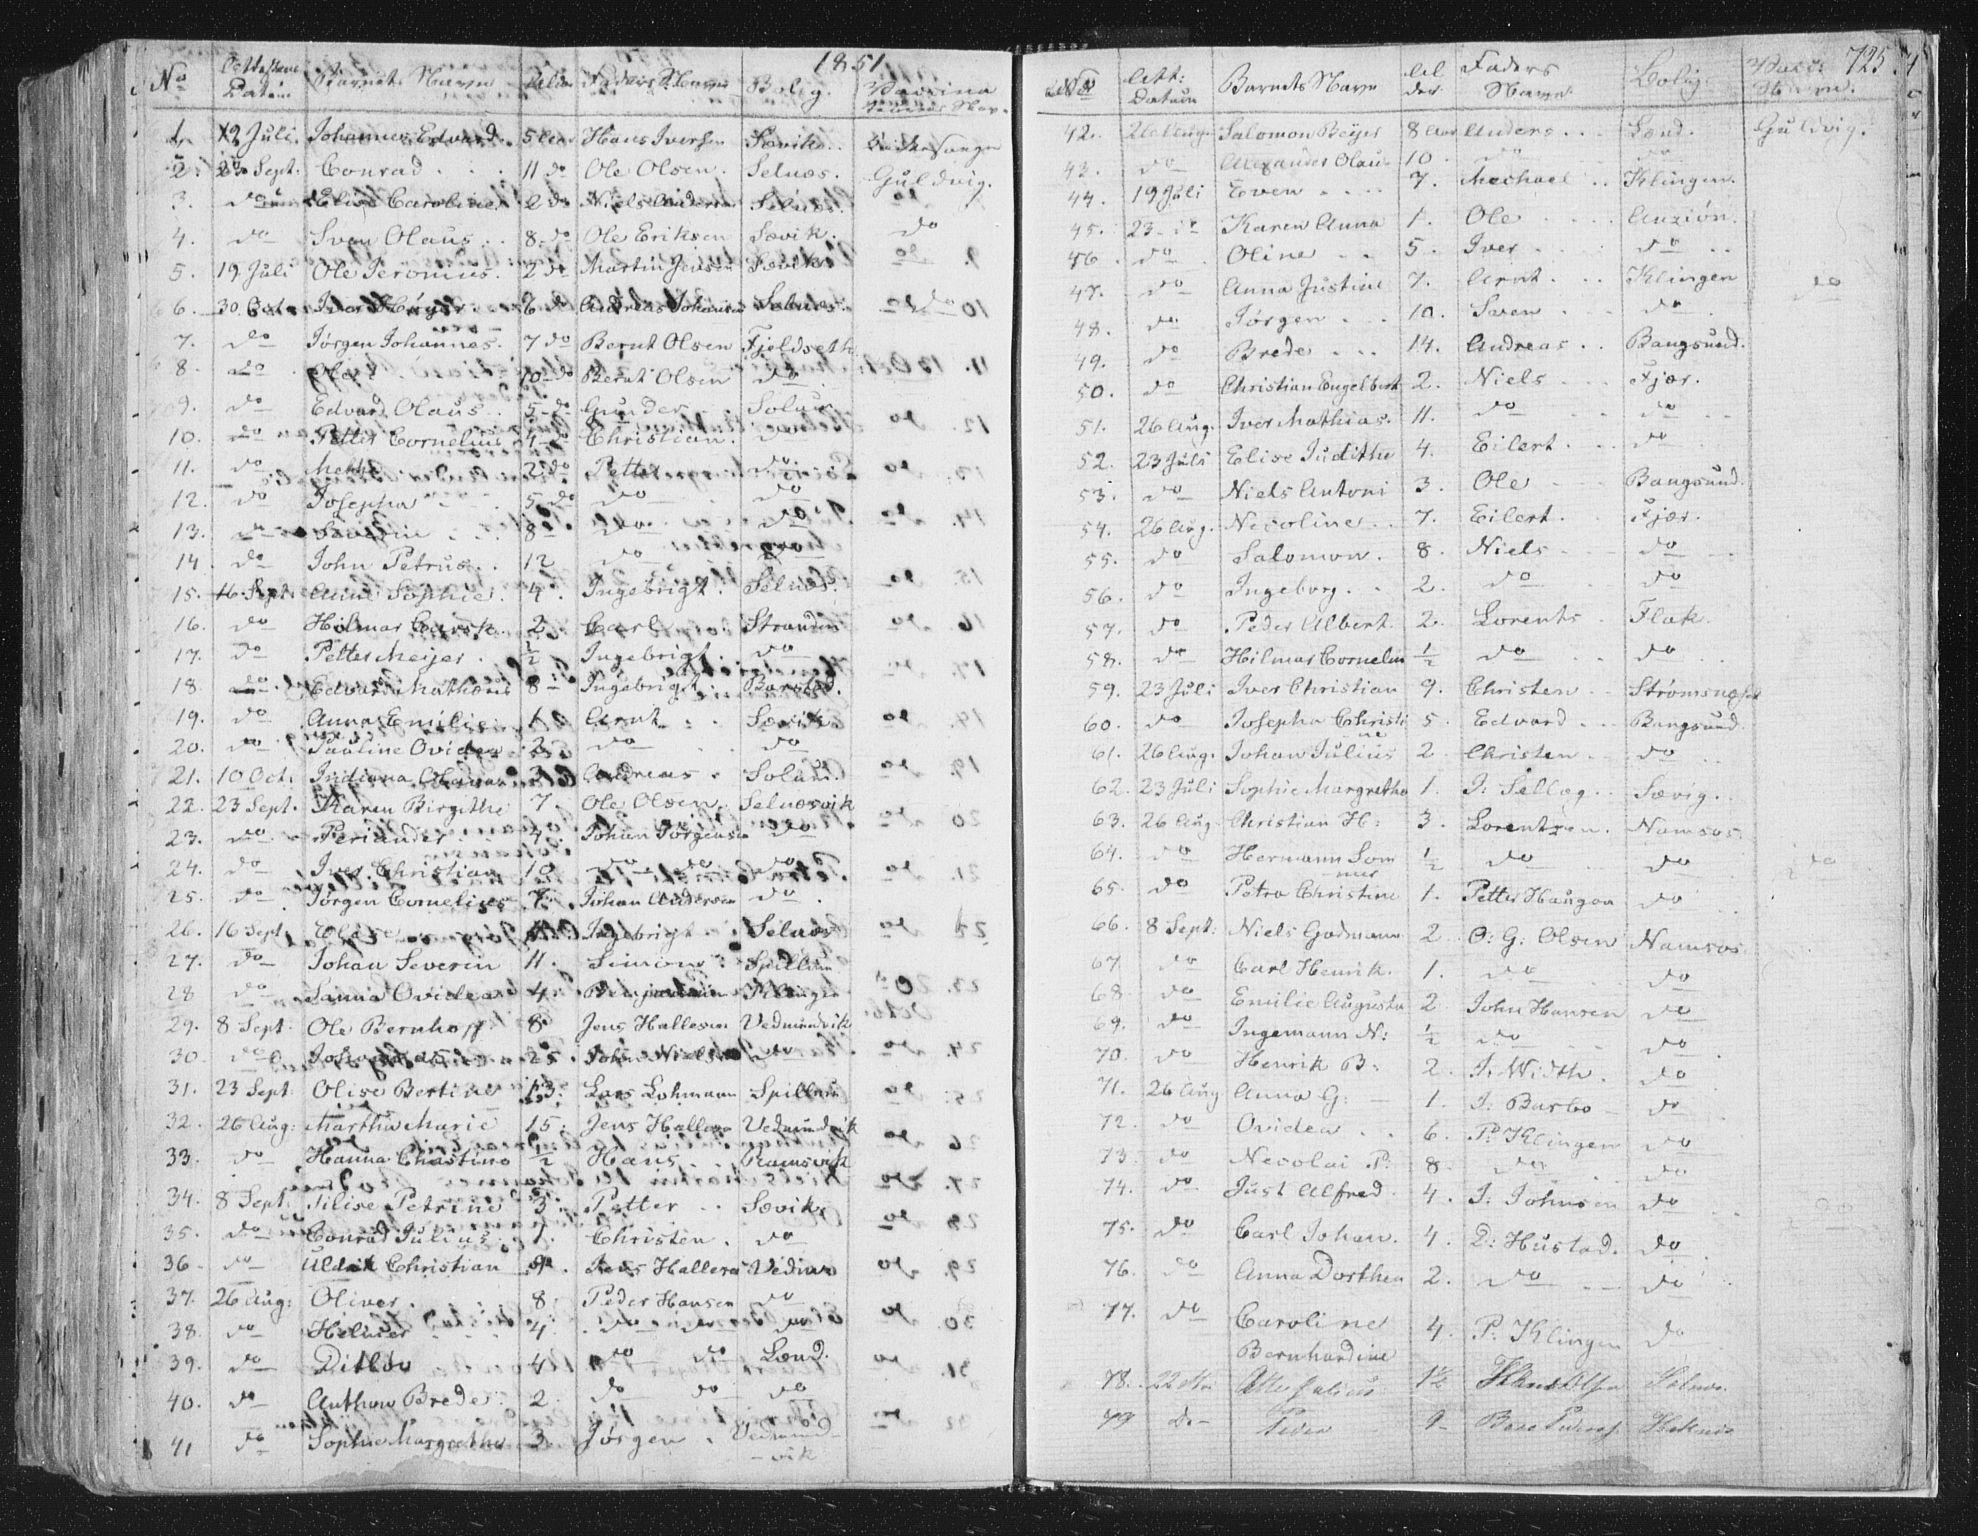 SAT, Ministerialprotokoller, klokkerbøker og fødselsregistre - Nord-Trøndelag, 764/L0552: Ministerialbok nr. 764A07b, 1824-1865, s. 725